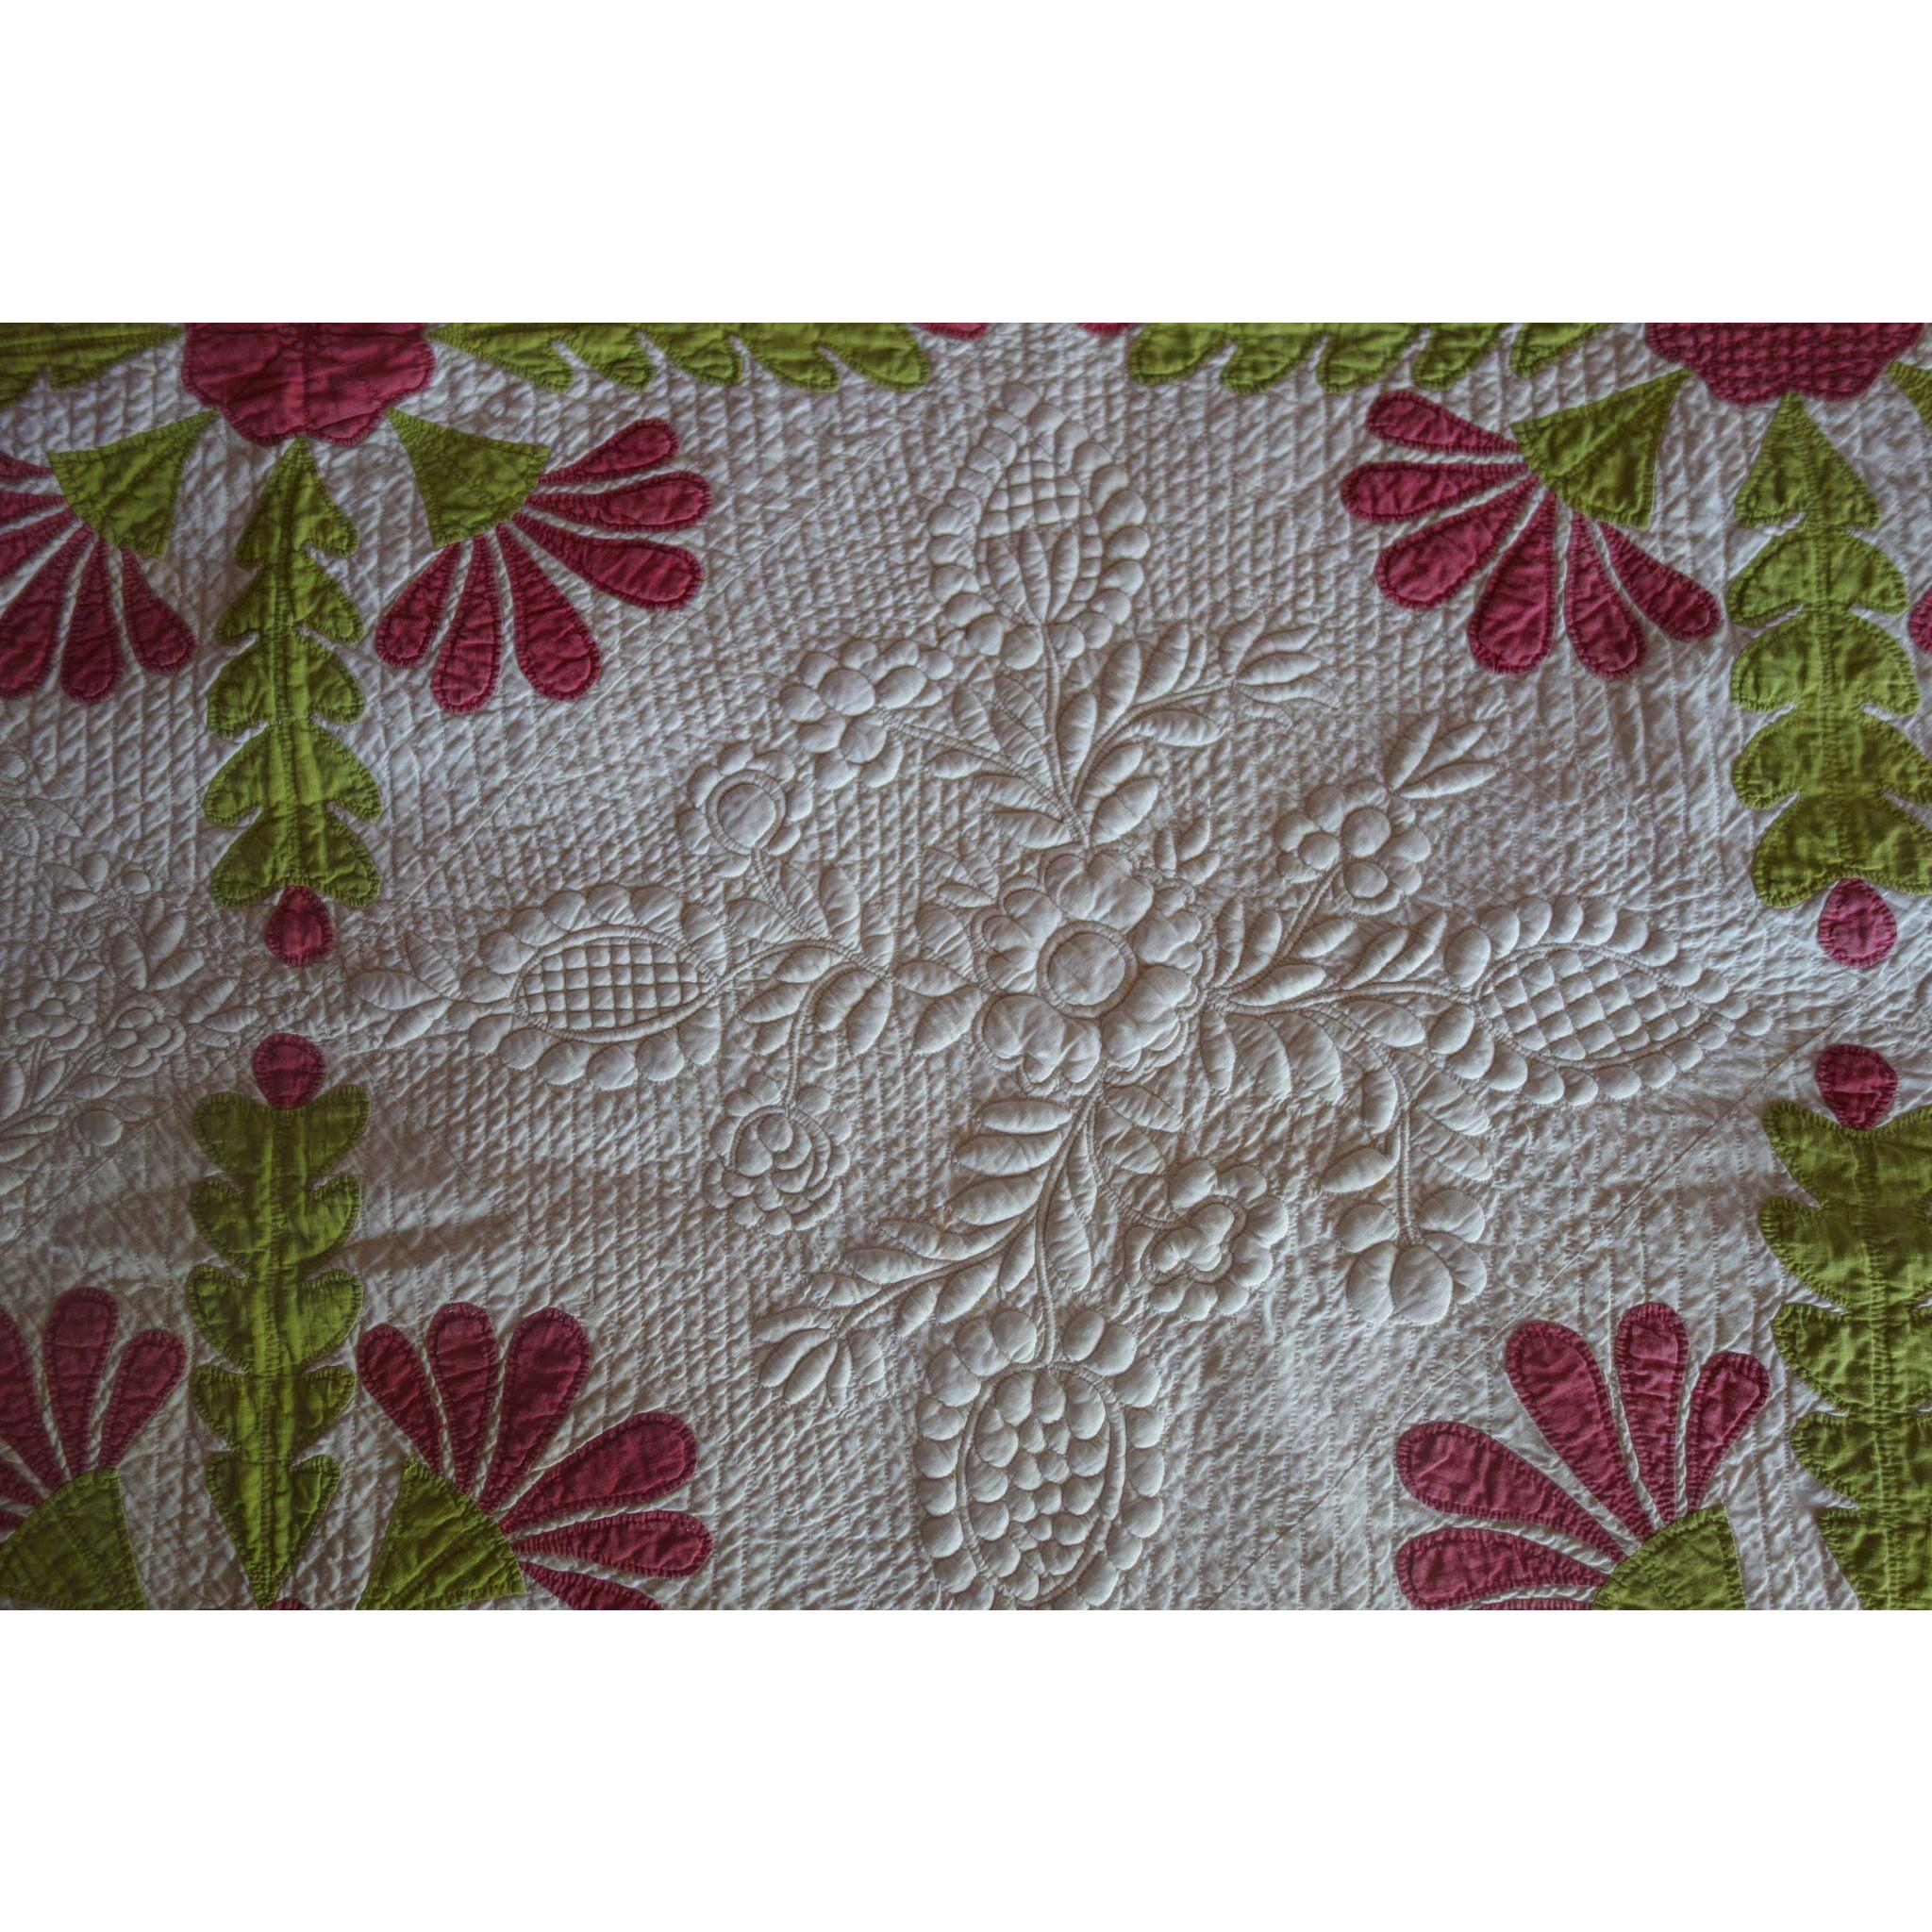 Trapunto applique quilt exquisite initialed us applique quilts